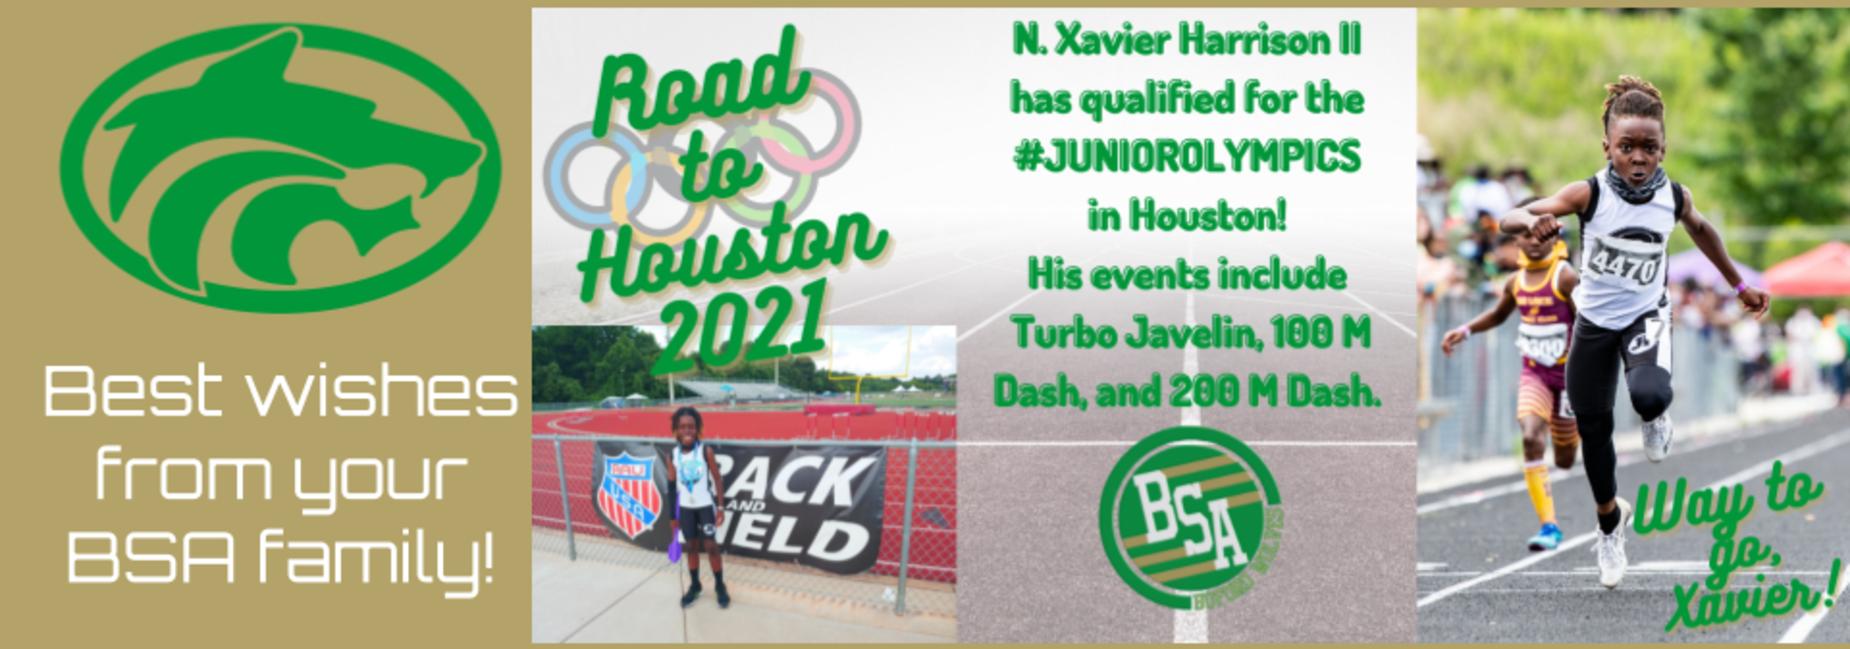 Road to Houston